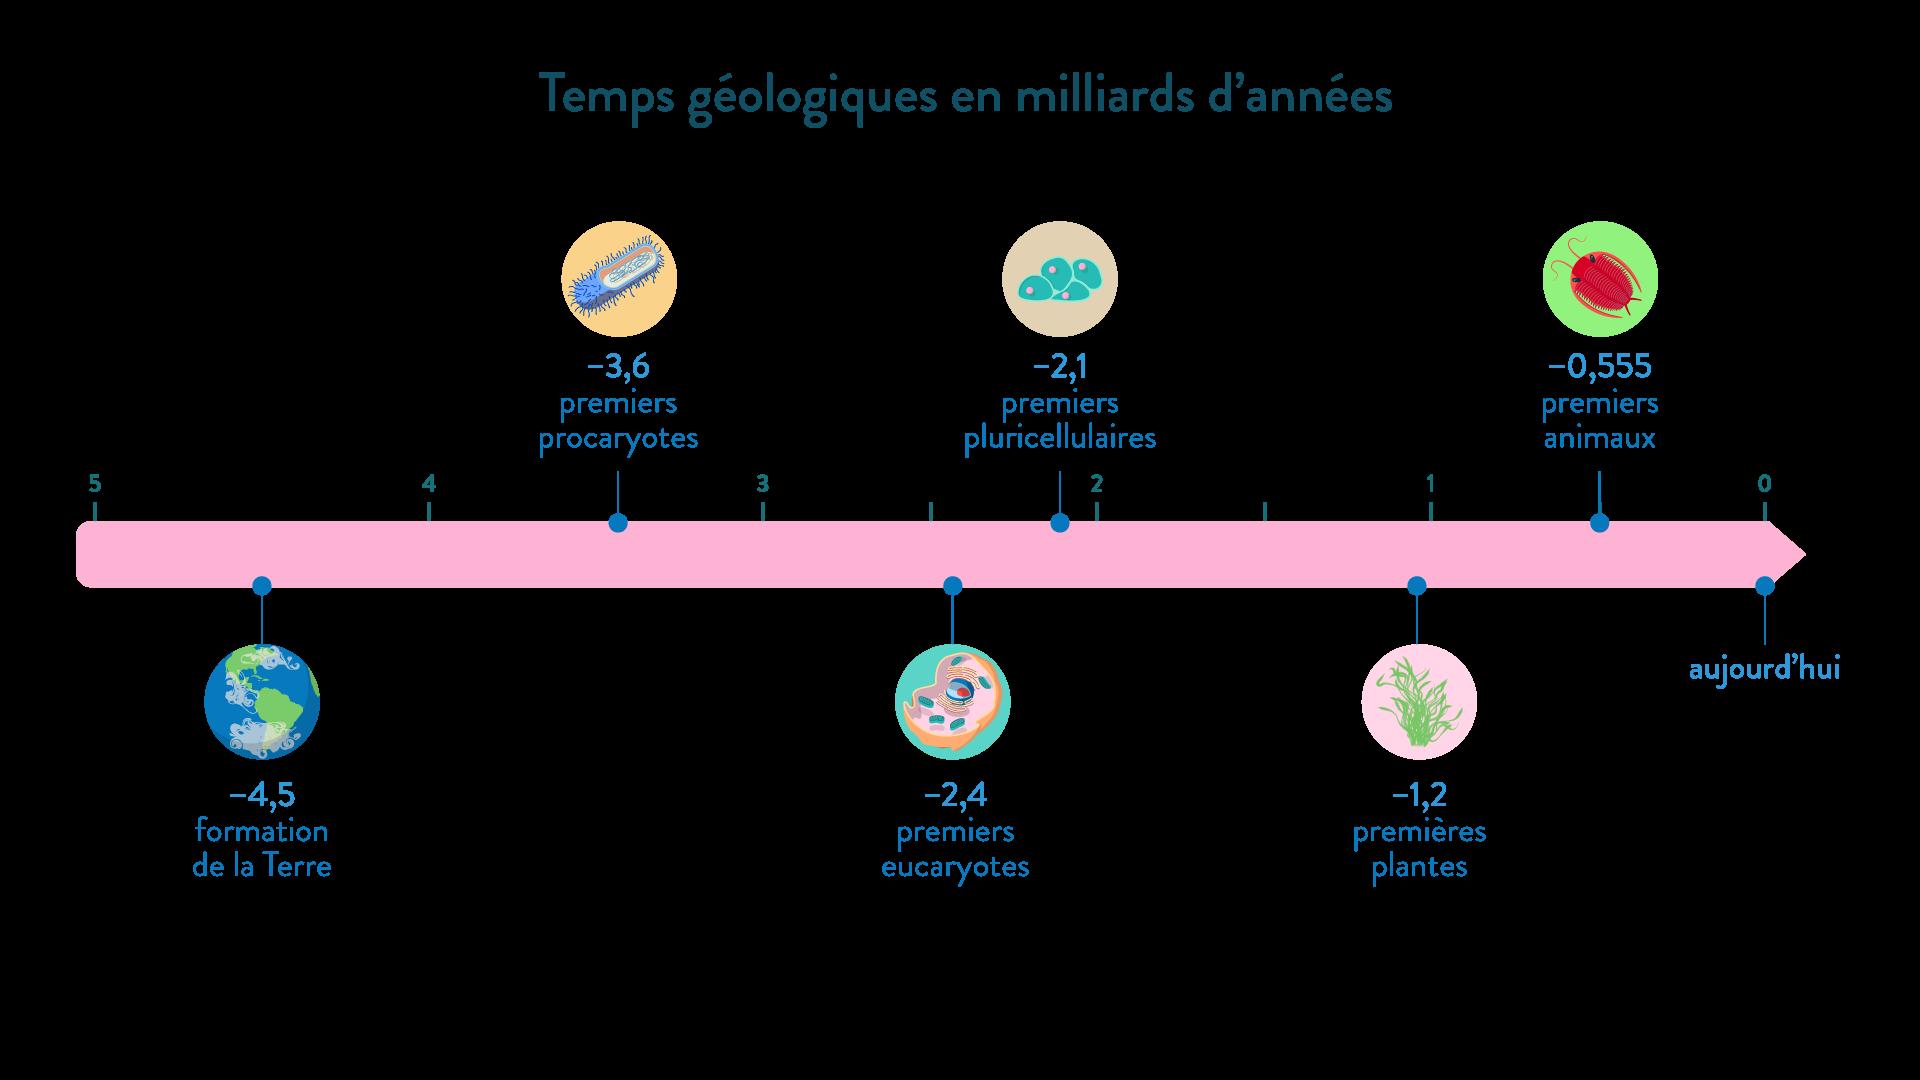 L'histoire des êtres vivants temps géologiques